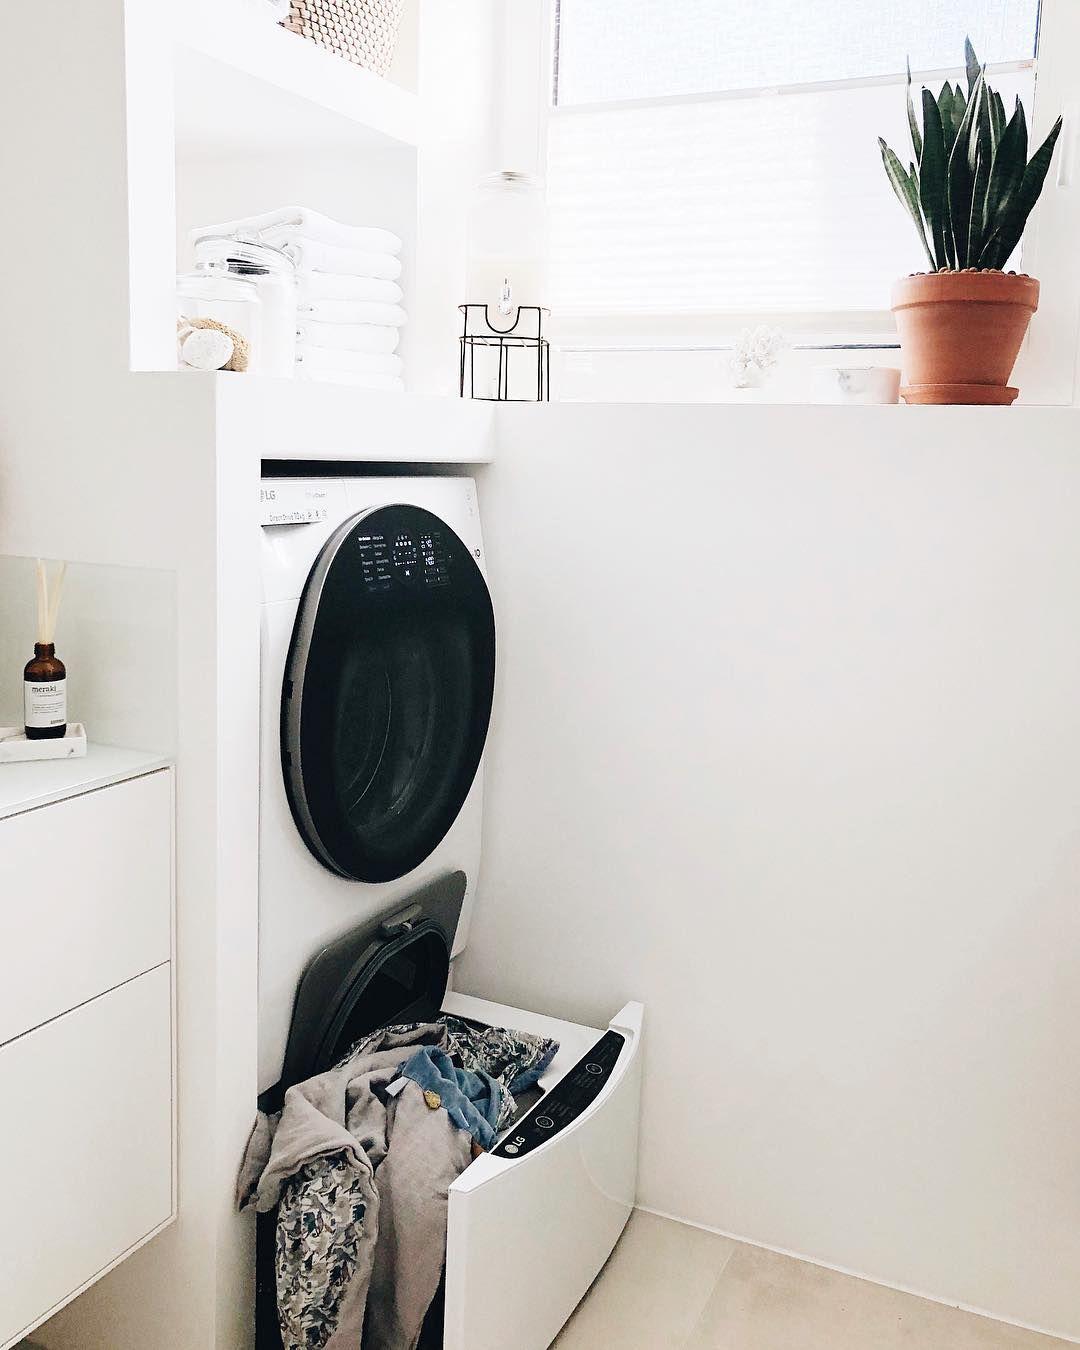 Badezimmer Bathroom Waschkuche Twinwash Lg Waschmaschine 12kg Twin Wash Wasche Washroom Laundry Room La Home Appliances Home Stacked Washer Dryer